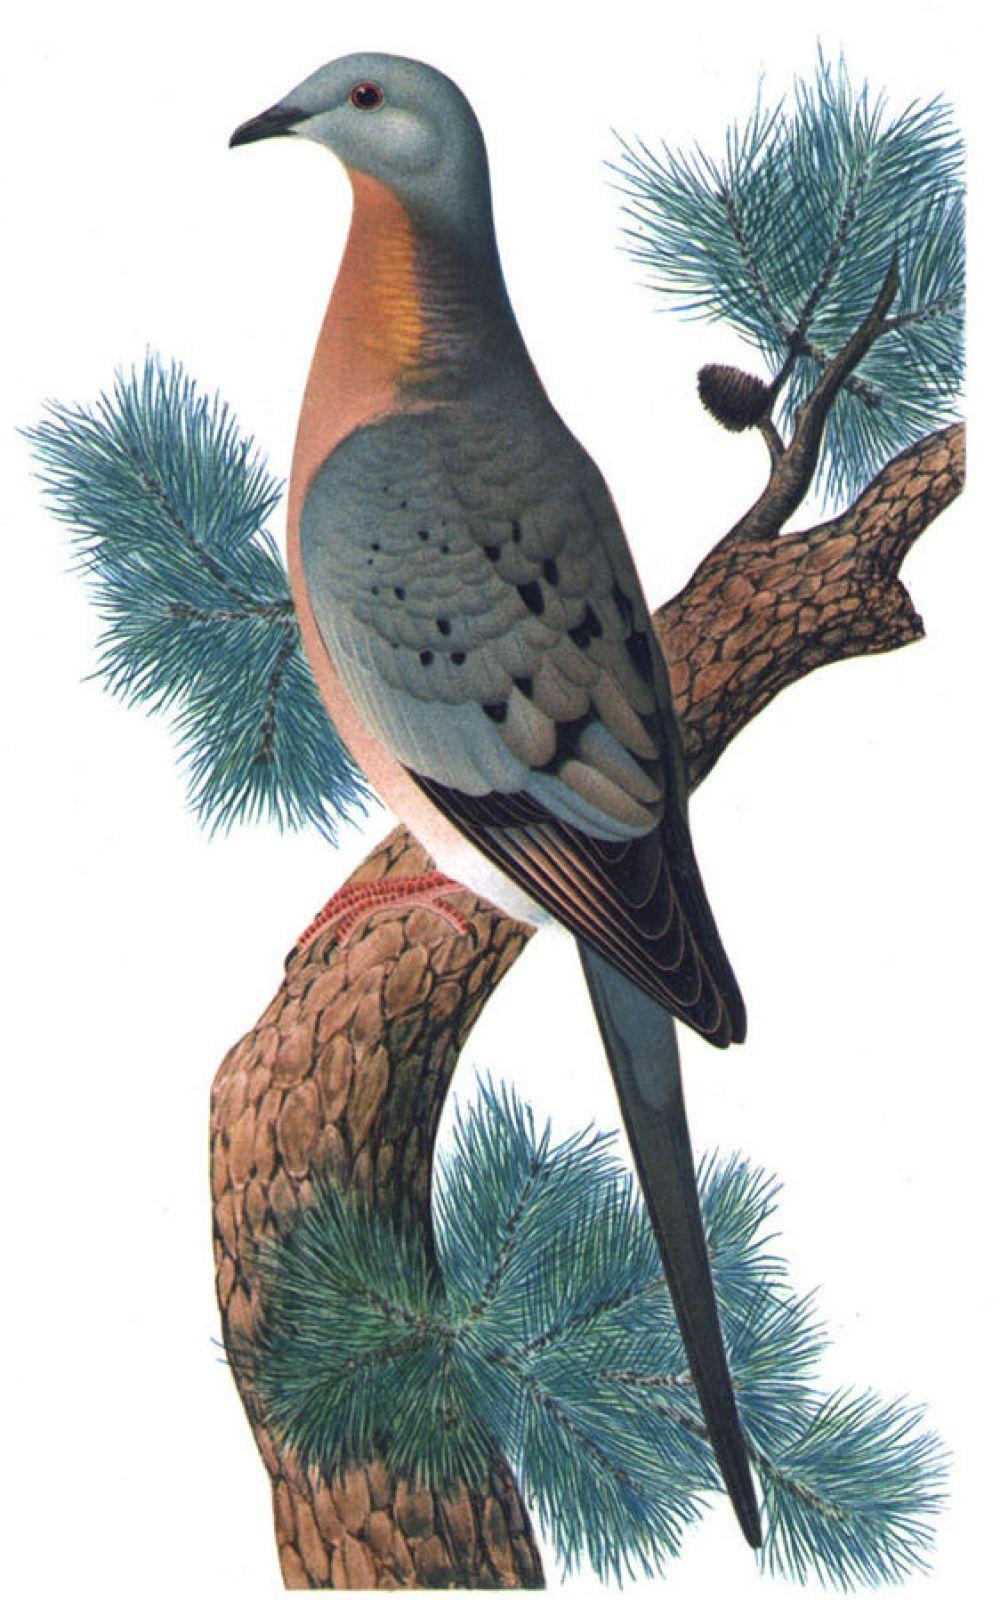 Вплоть до XIX века Странствующий голубь считался самой распространенной птицей на Земле. Известный американский орнитолог Александр Уилсон наблюдал в начале XIX века стаю, которая пролетала над ним 4 часа без остановки. В небе она растянулась на 380 км. Сложно поверить, что в 1914 году последний представитель этого вида уже умер. Основная причина вымирания вида – деятельность человека. Голубей сбивали рогатками, ружьями. Потом - пулеметами. Убивали столько, сколько могли убить.